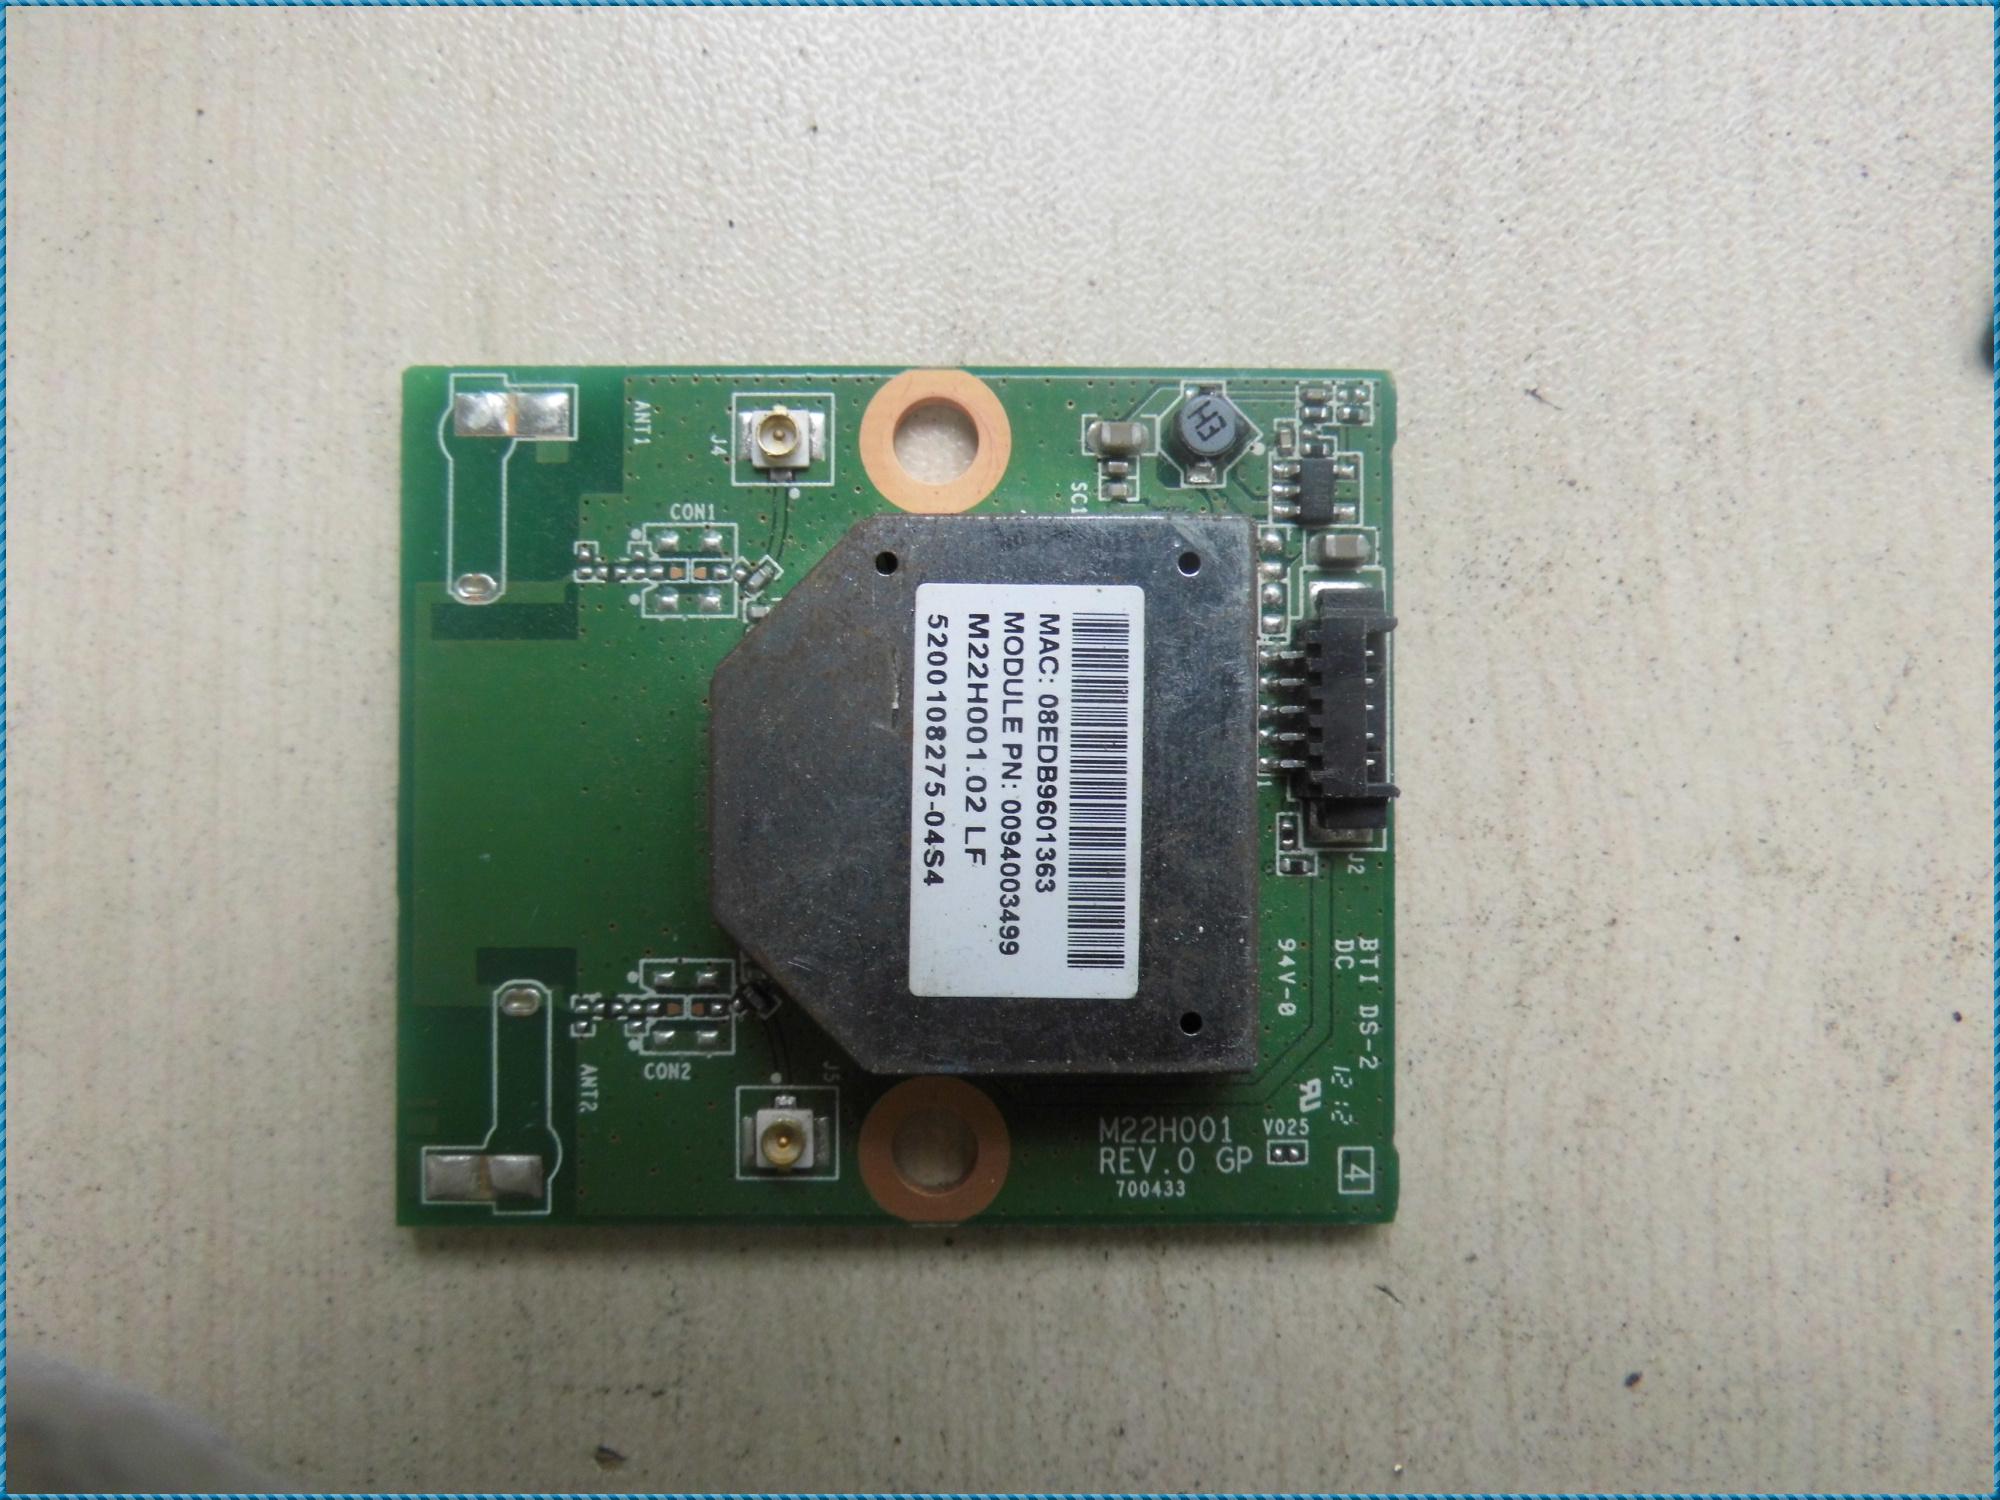 海尔 LE60A5000 无线网卡M22H001 REV.0